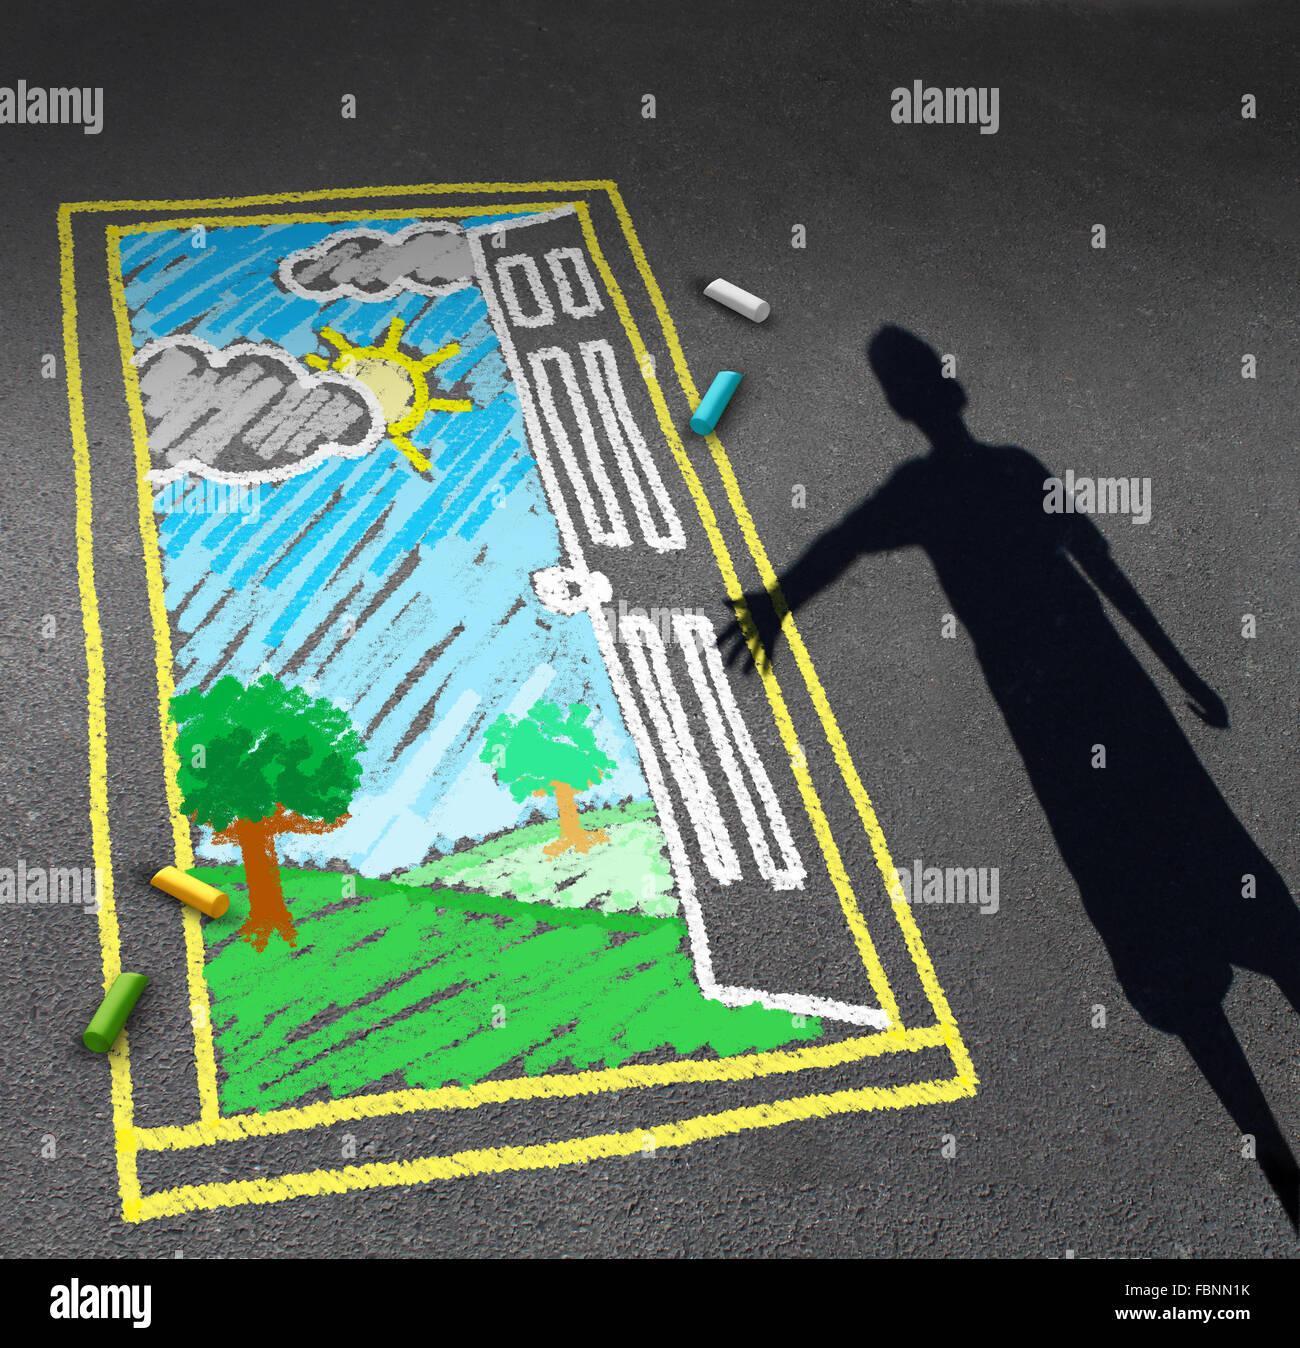 Infância oportunidade conceito e criança imaginação símbolo como uma sombra de um rapaz Imagens de Stock